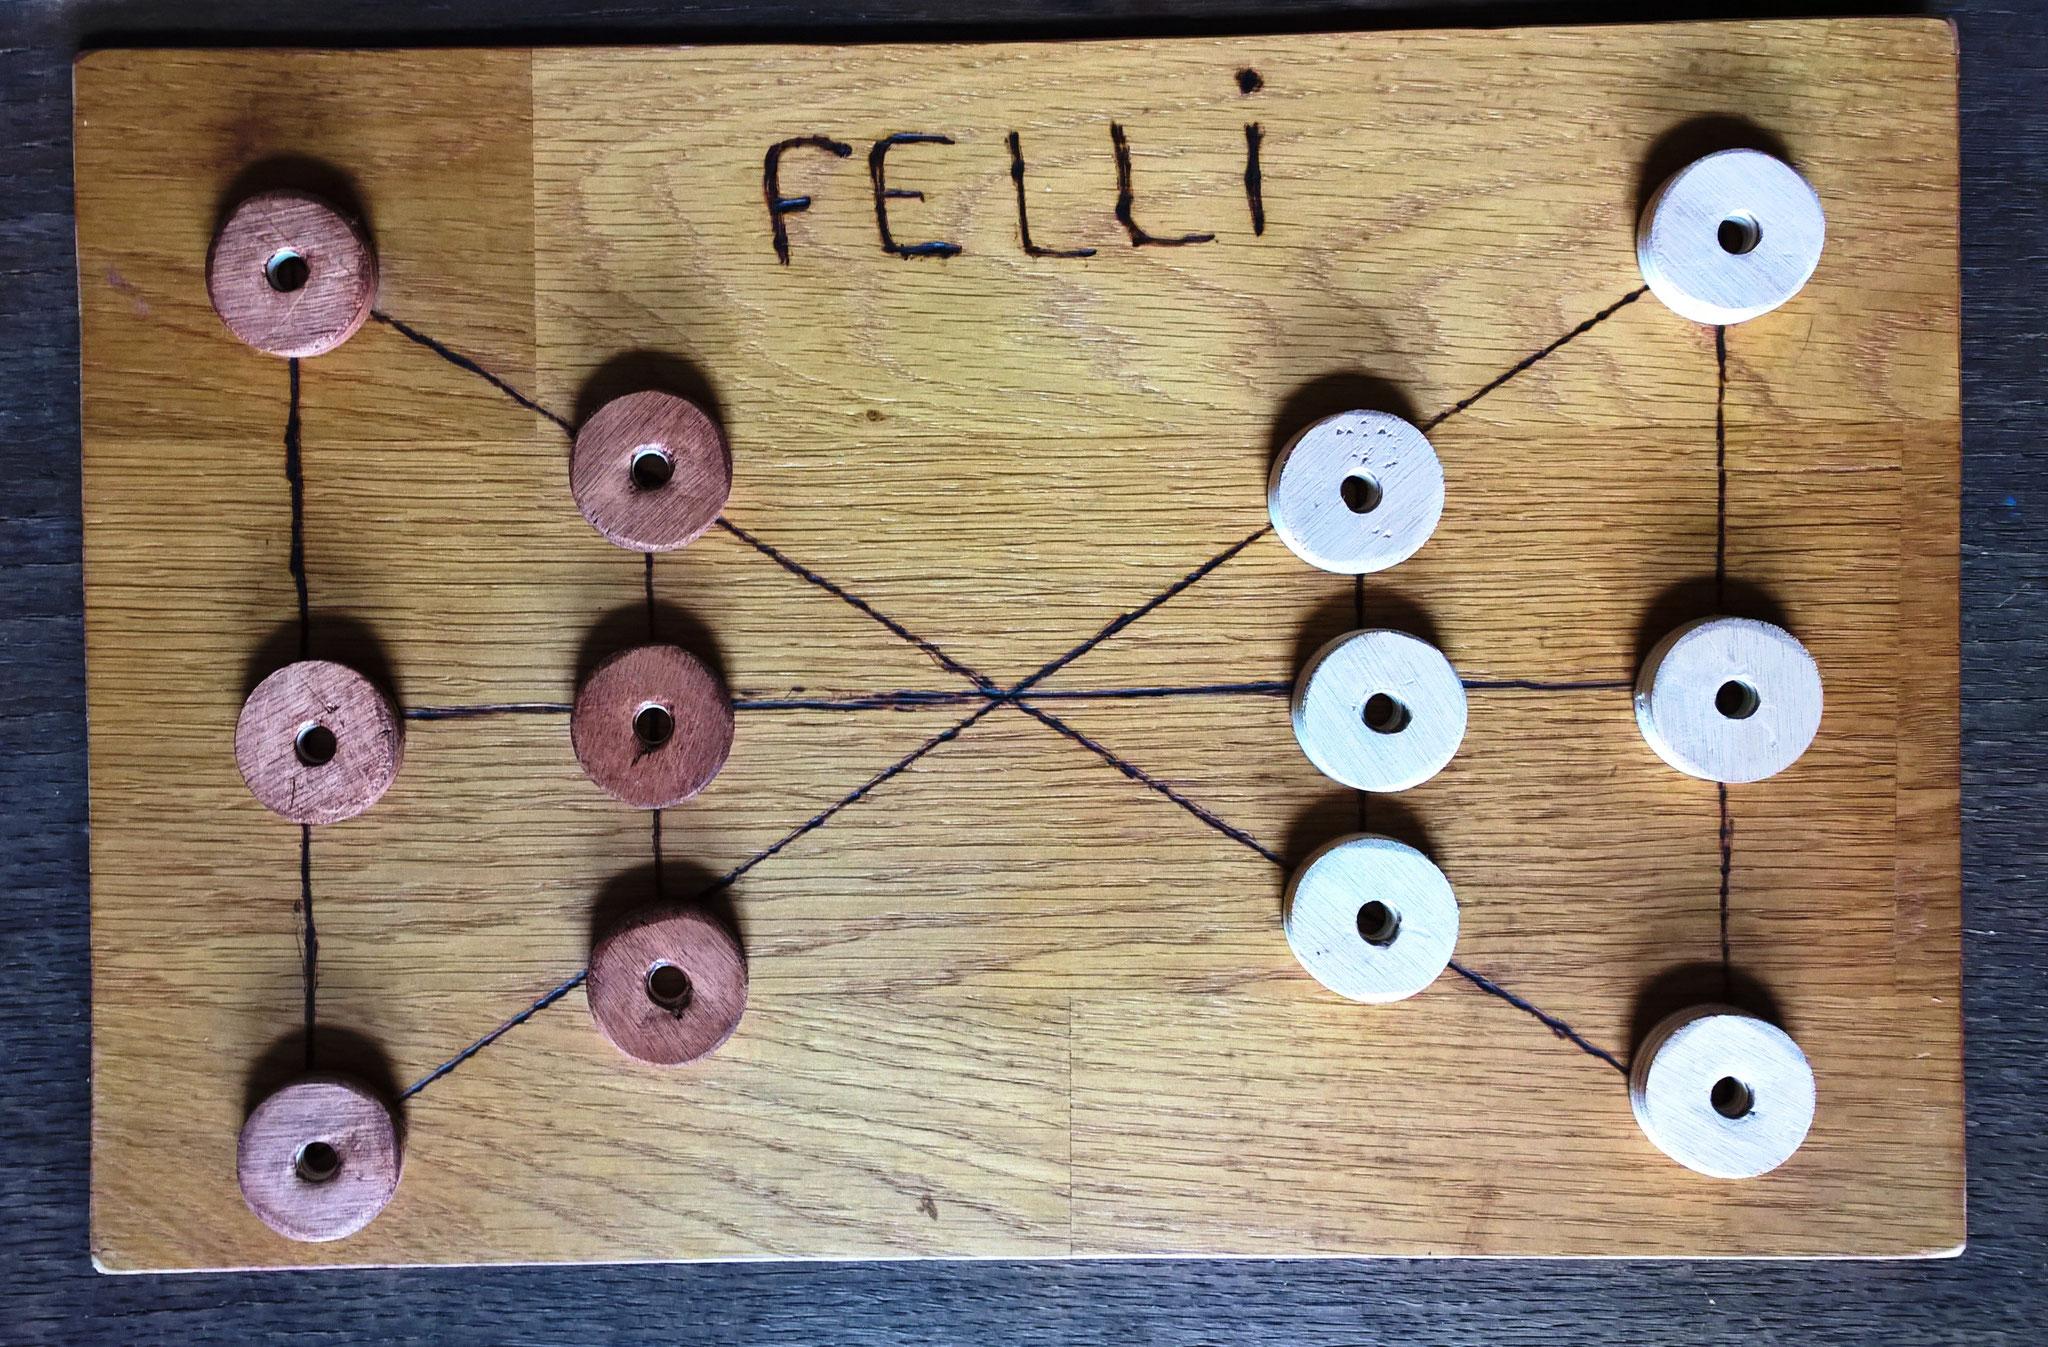 Felli, appelé aussi Fich, jeu du Maroc, idéal pour initier les plus jeunes aux jeux de capture